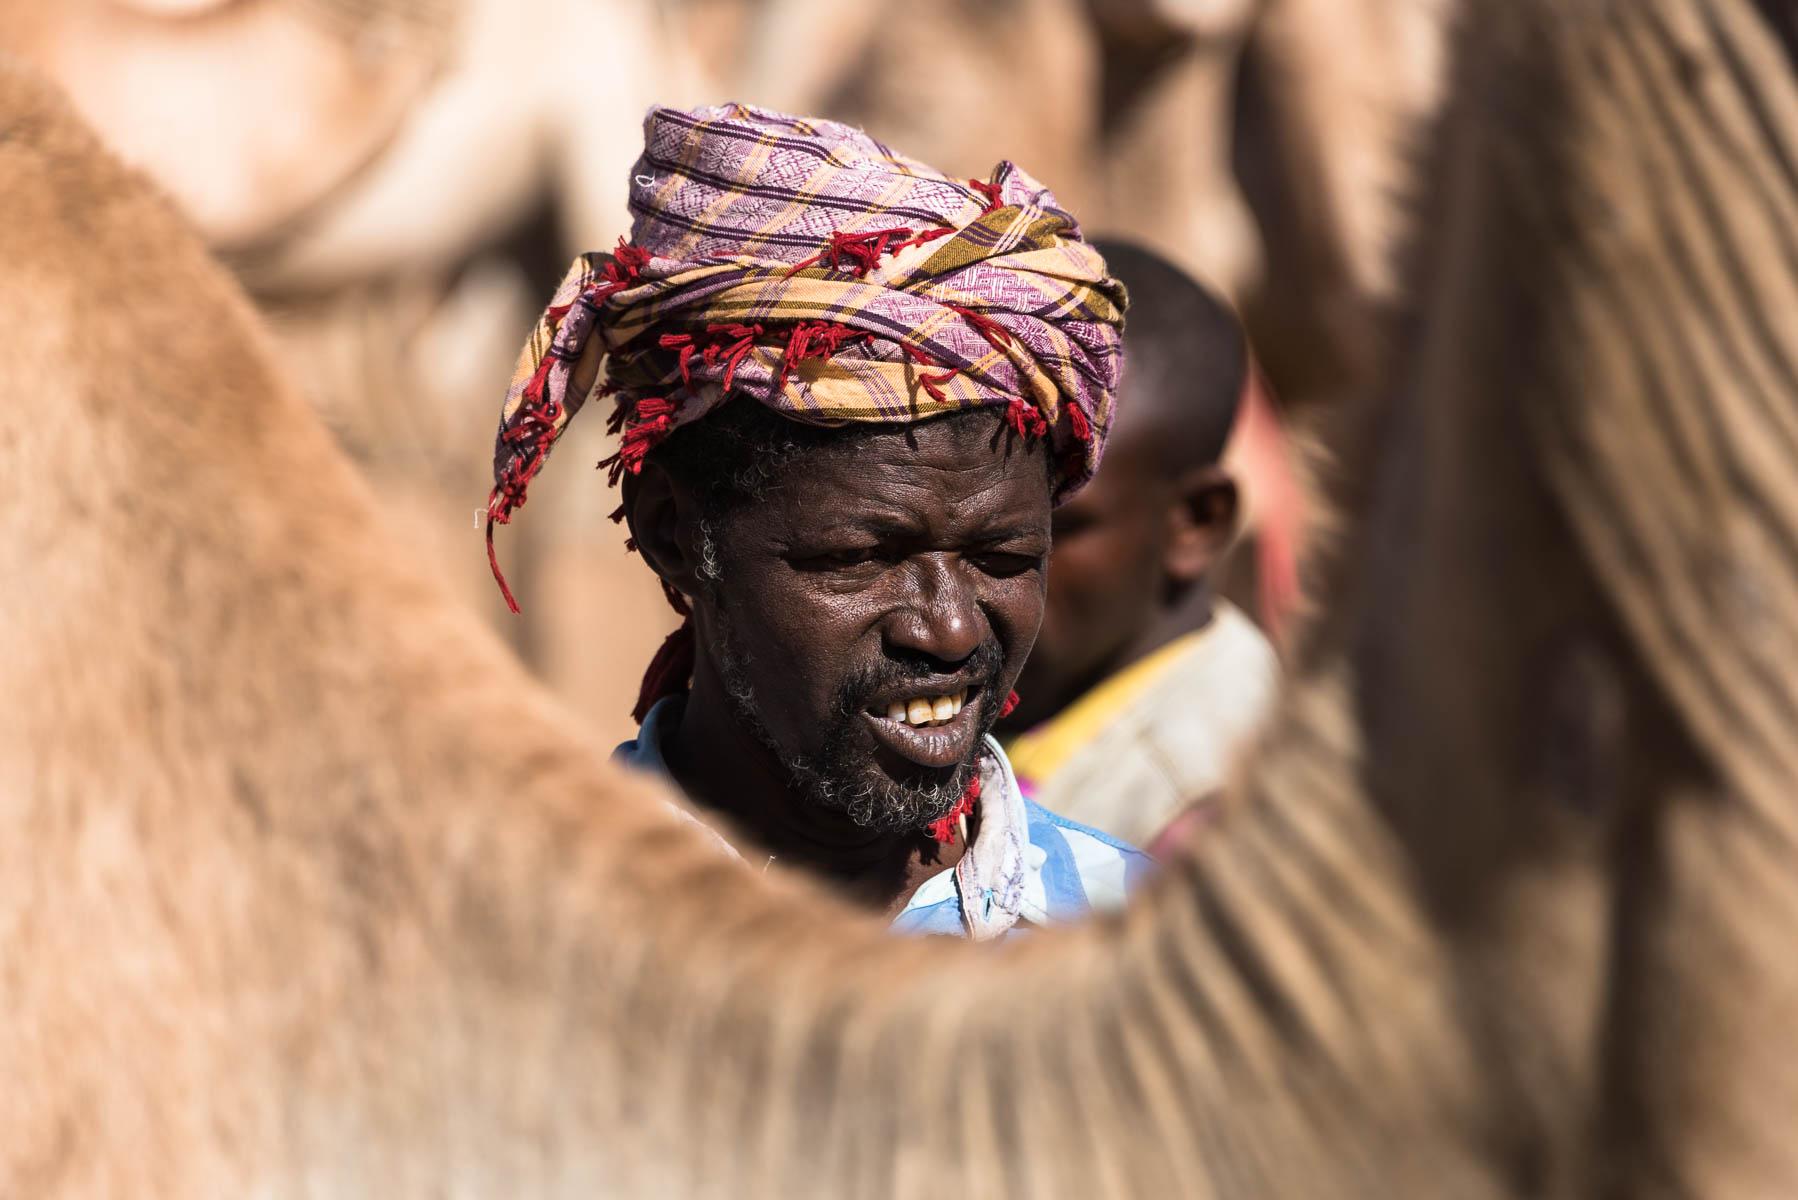 Christian Meixner Fotografie, Fotograf Zürich, Äthiopien, Babille, Kamelmarkt, Reisen, Reisefotografie